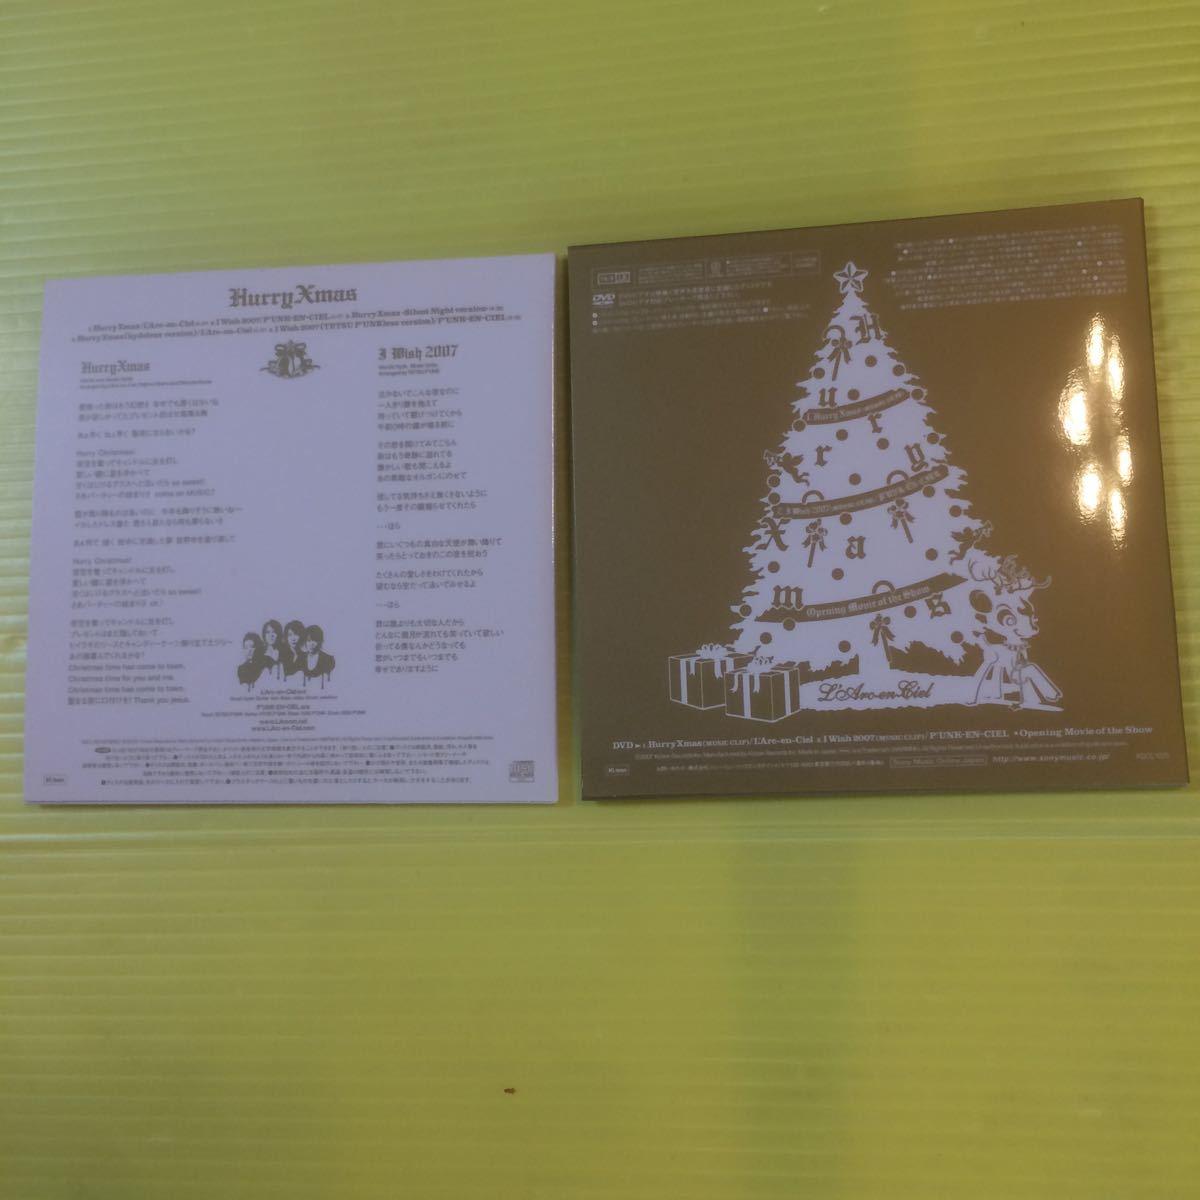 ● L'Arc~en~Ciel ラルクアンシエル● Hurry Xmas(初回生産限定盤)(DVD付) (CD)【型番号】KSCL-1224_画像6